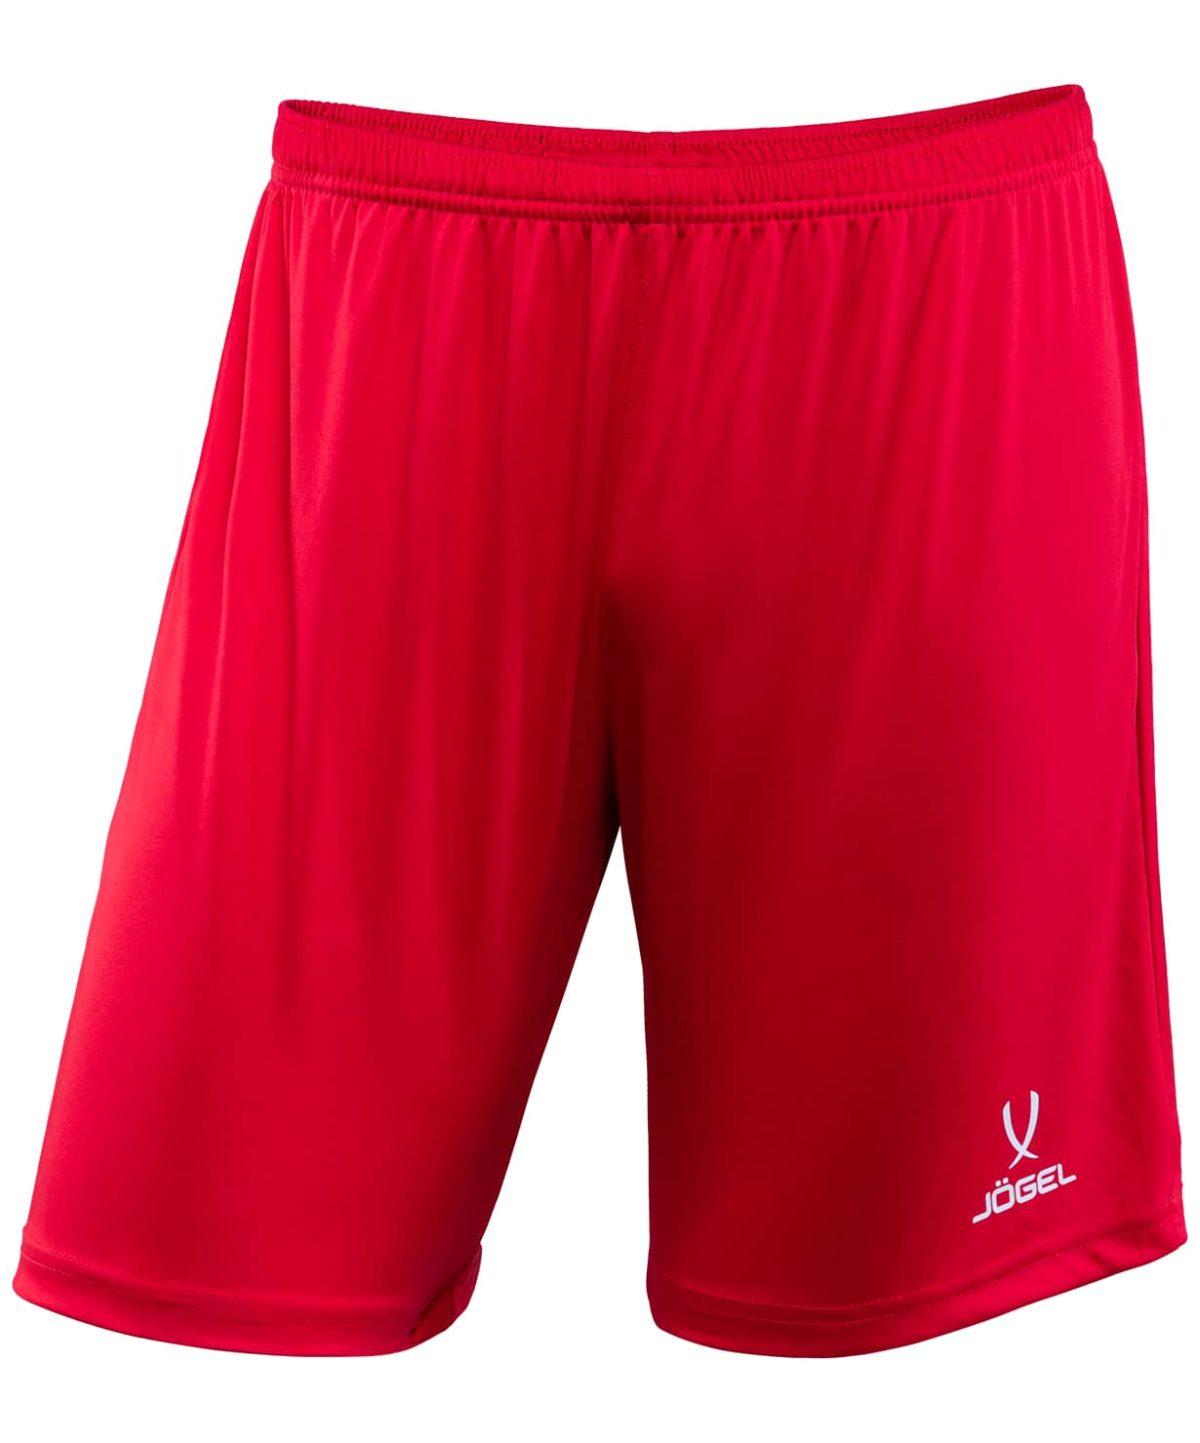 JOGEL CAMP шорты футбольные детские, красный/белый  JFS-1120-021-K - 1